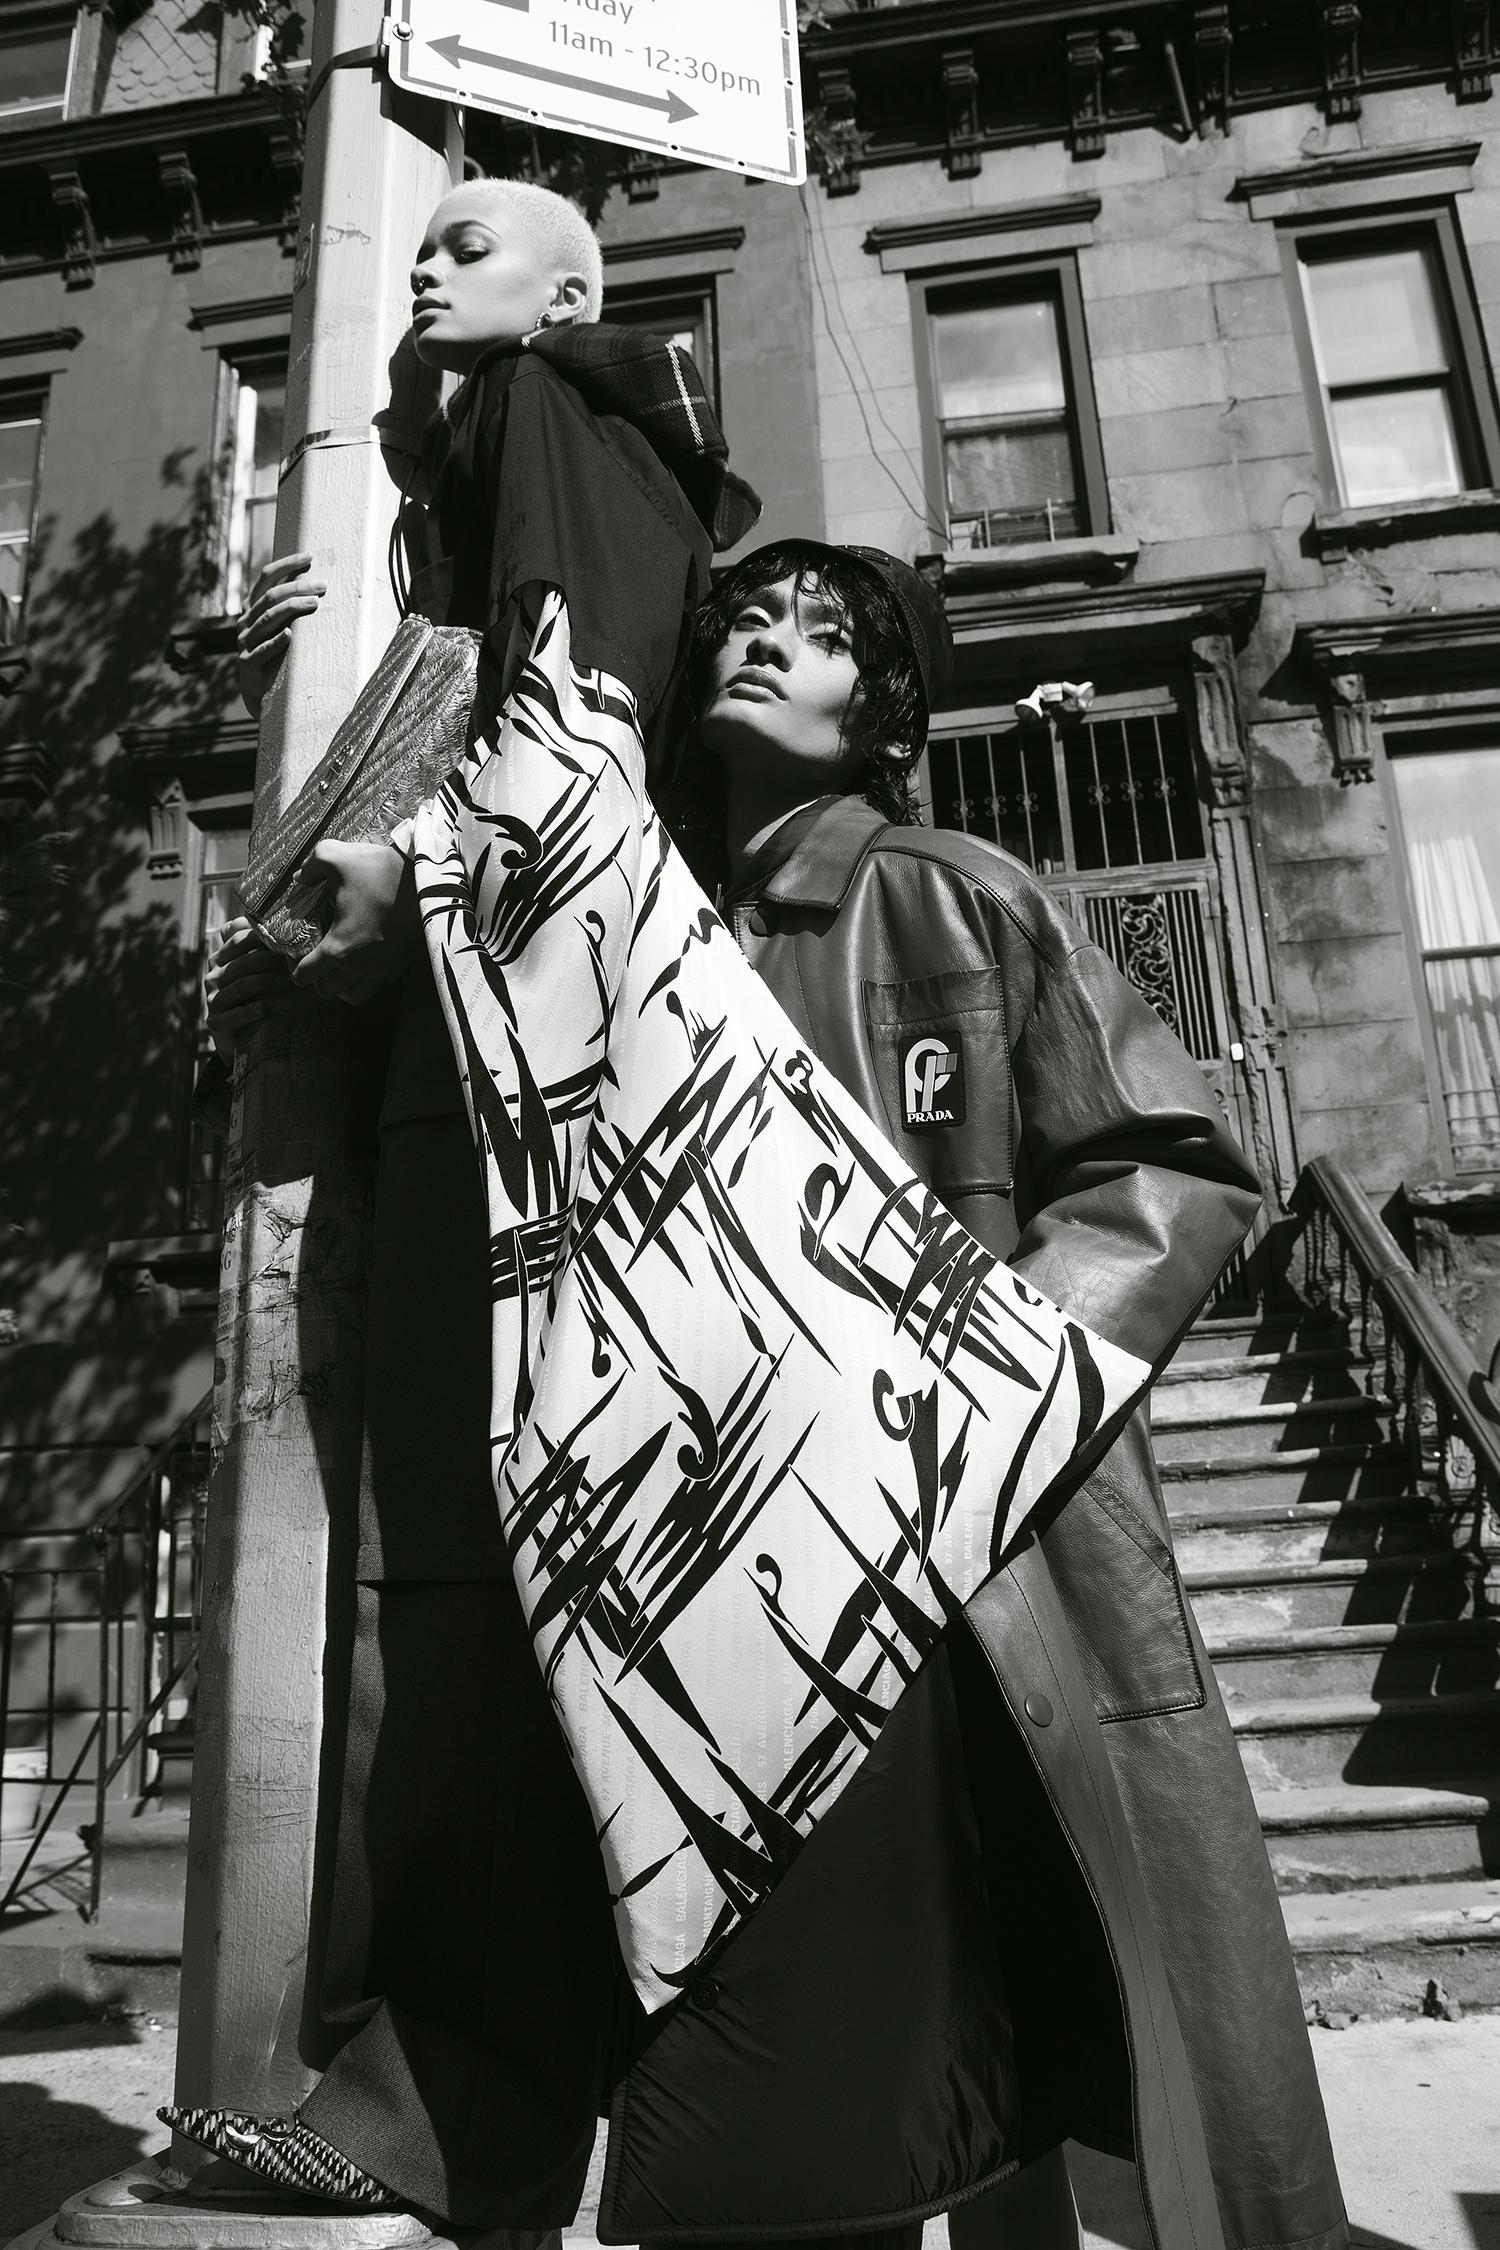 Kimono de algodón Balenciaga, pantalón de lana, bufanda y bolsa, Saks Fifth Avenue. Abrigo para hombre y sombrero de Prada, Saks Fifth Avenue.